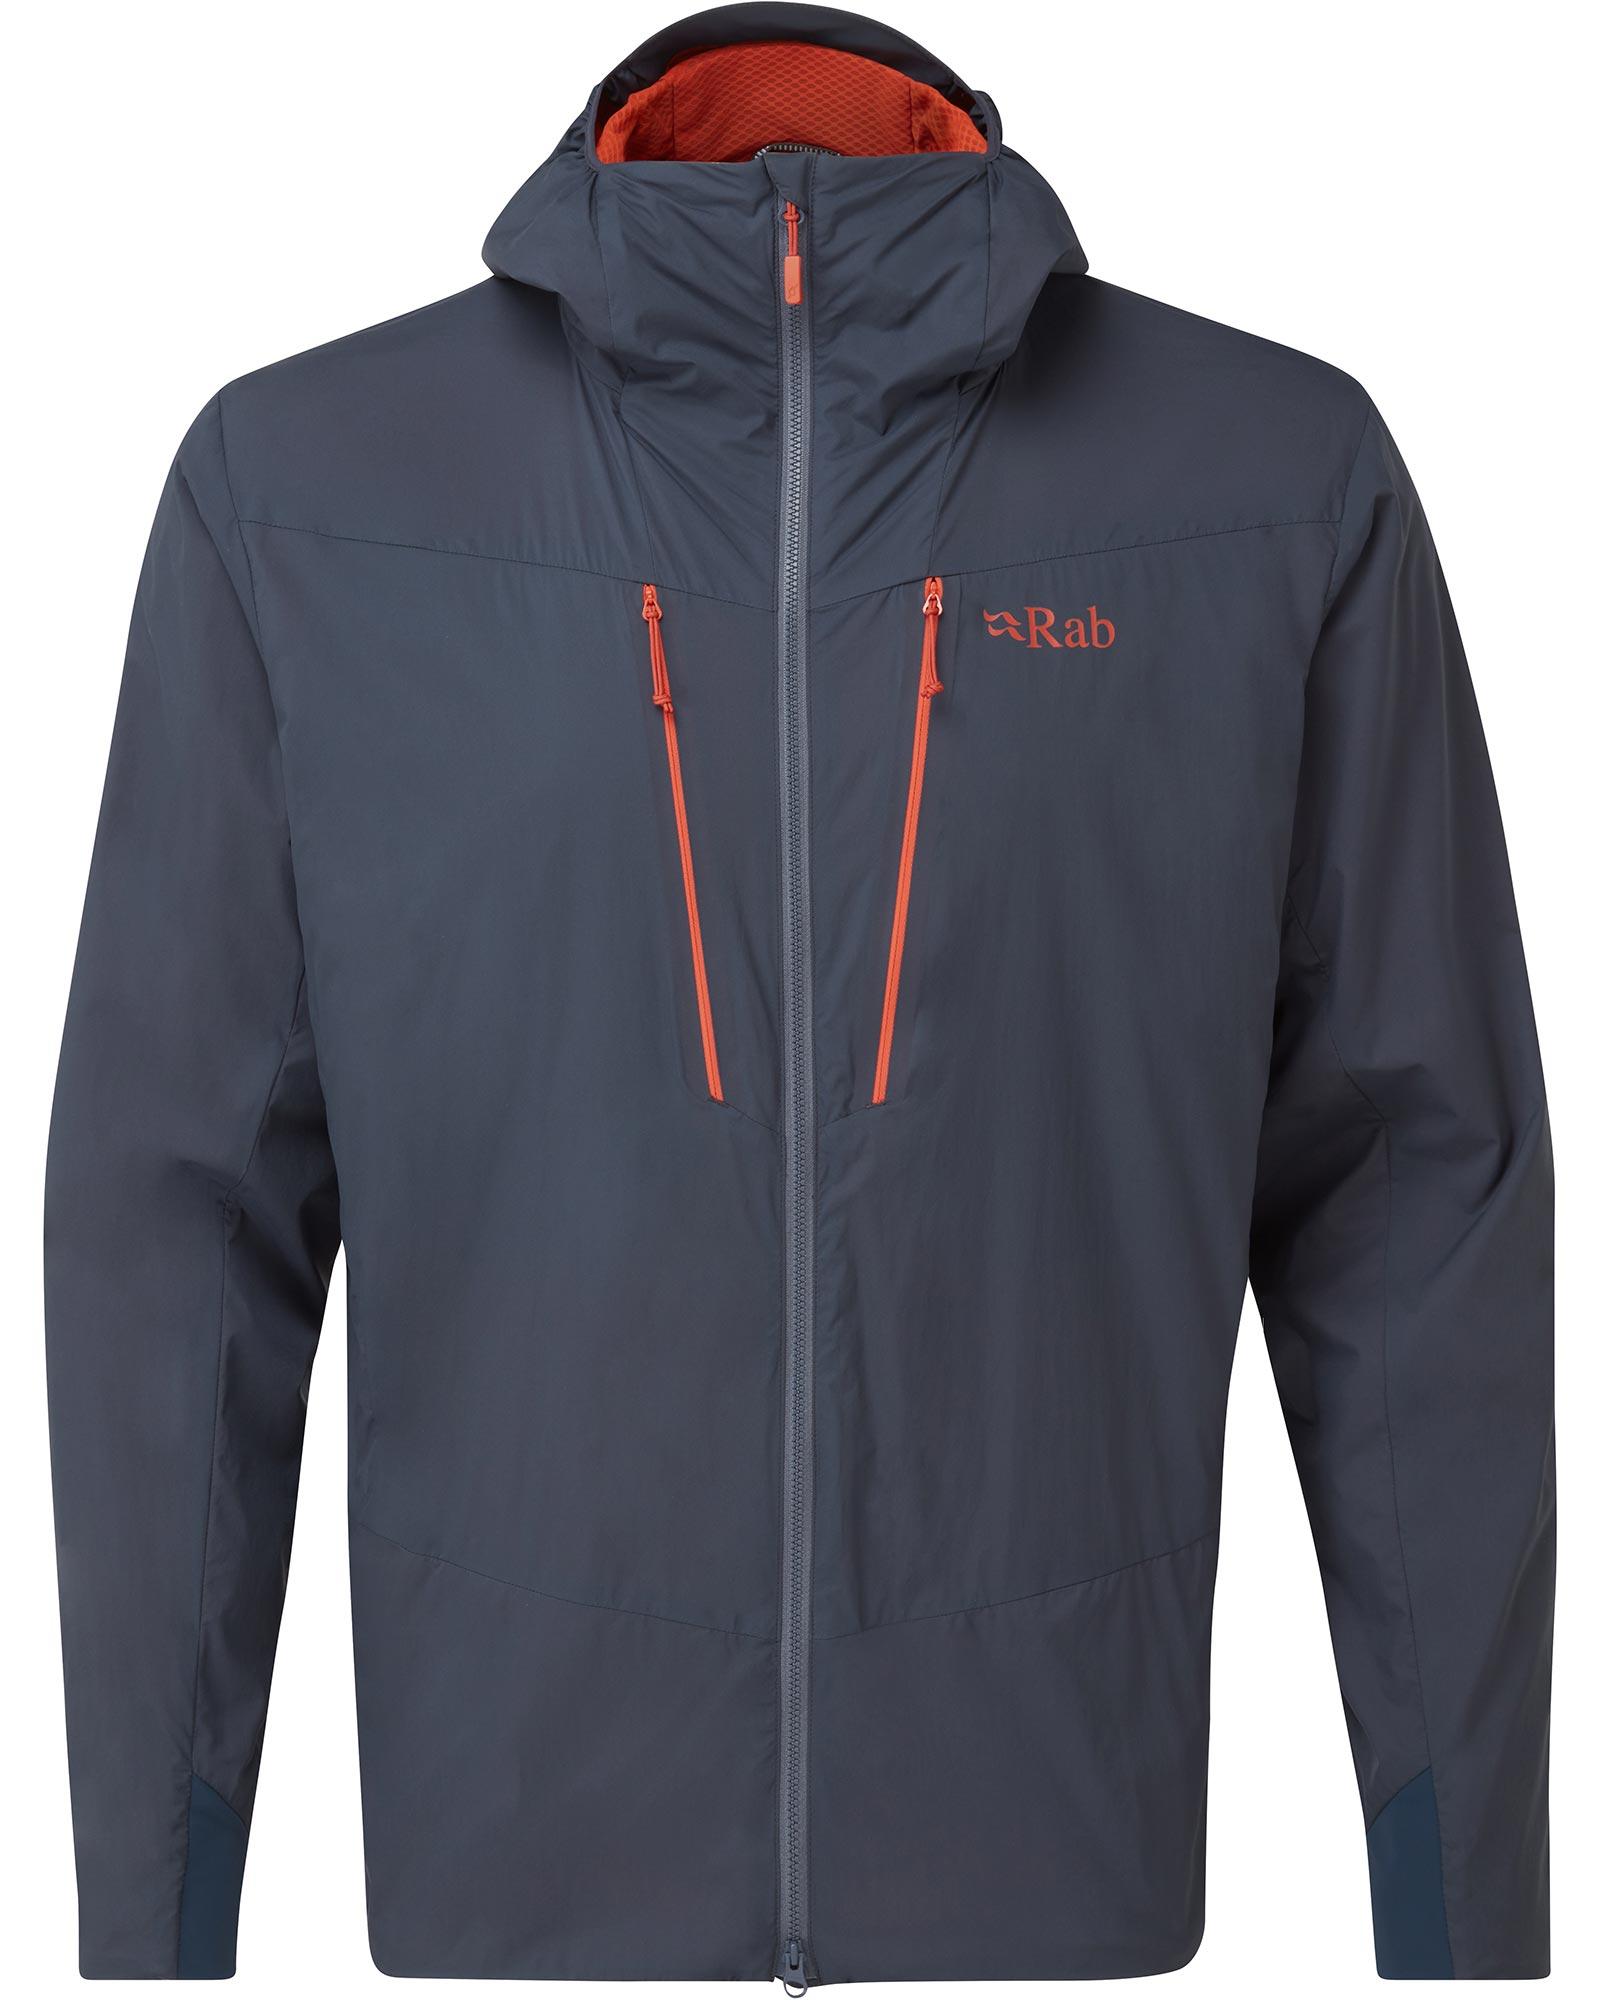 Rab Men's Vapour-Rise Alpine Light Jacket 0